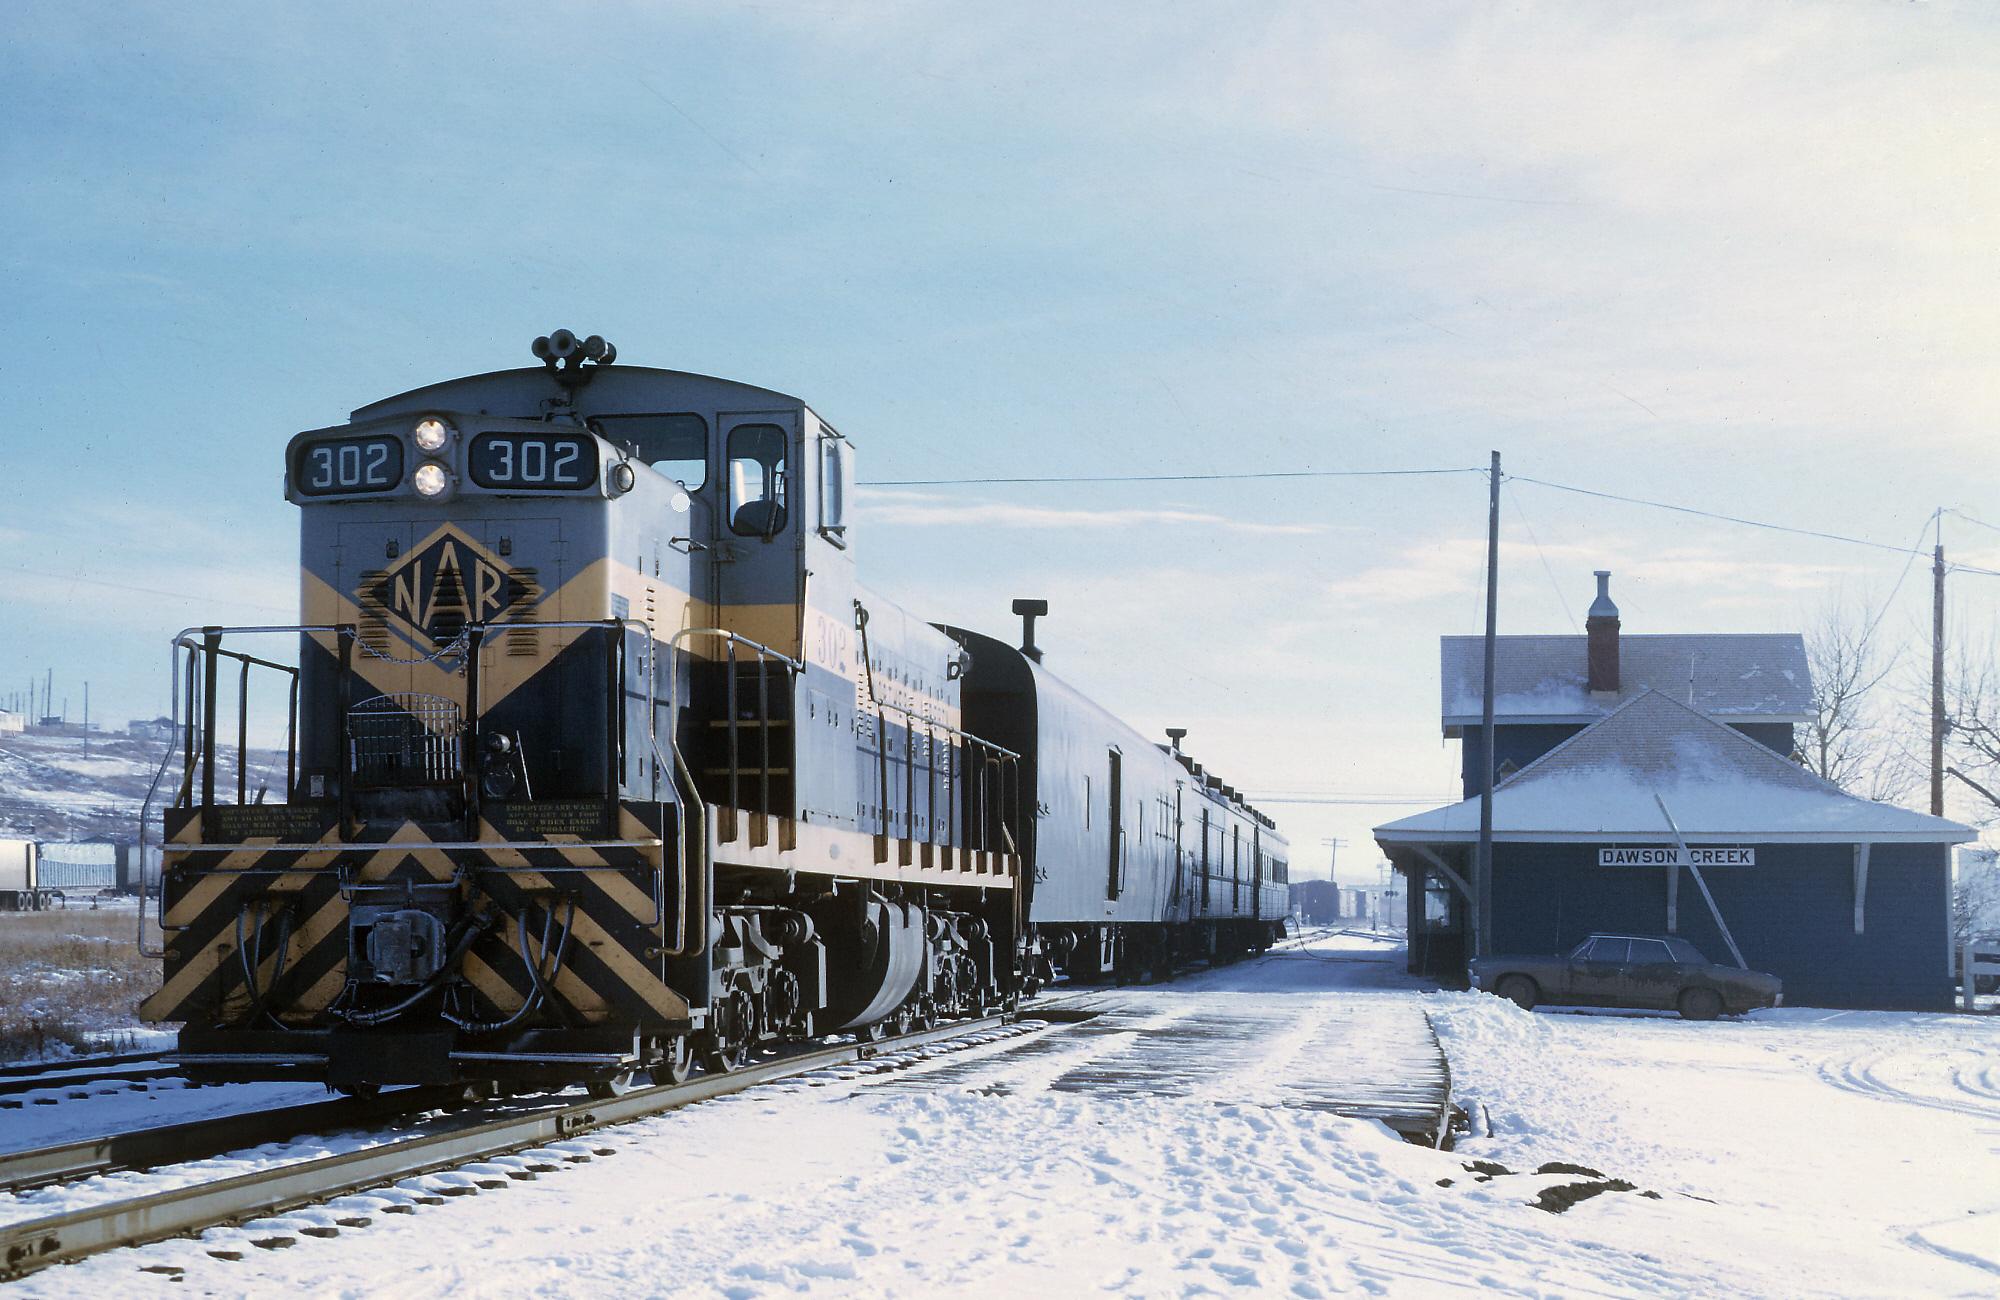 El juego de las imagenes-http://www.american-rails.com/images/CVRCN5548.jpg